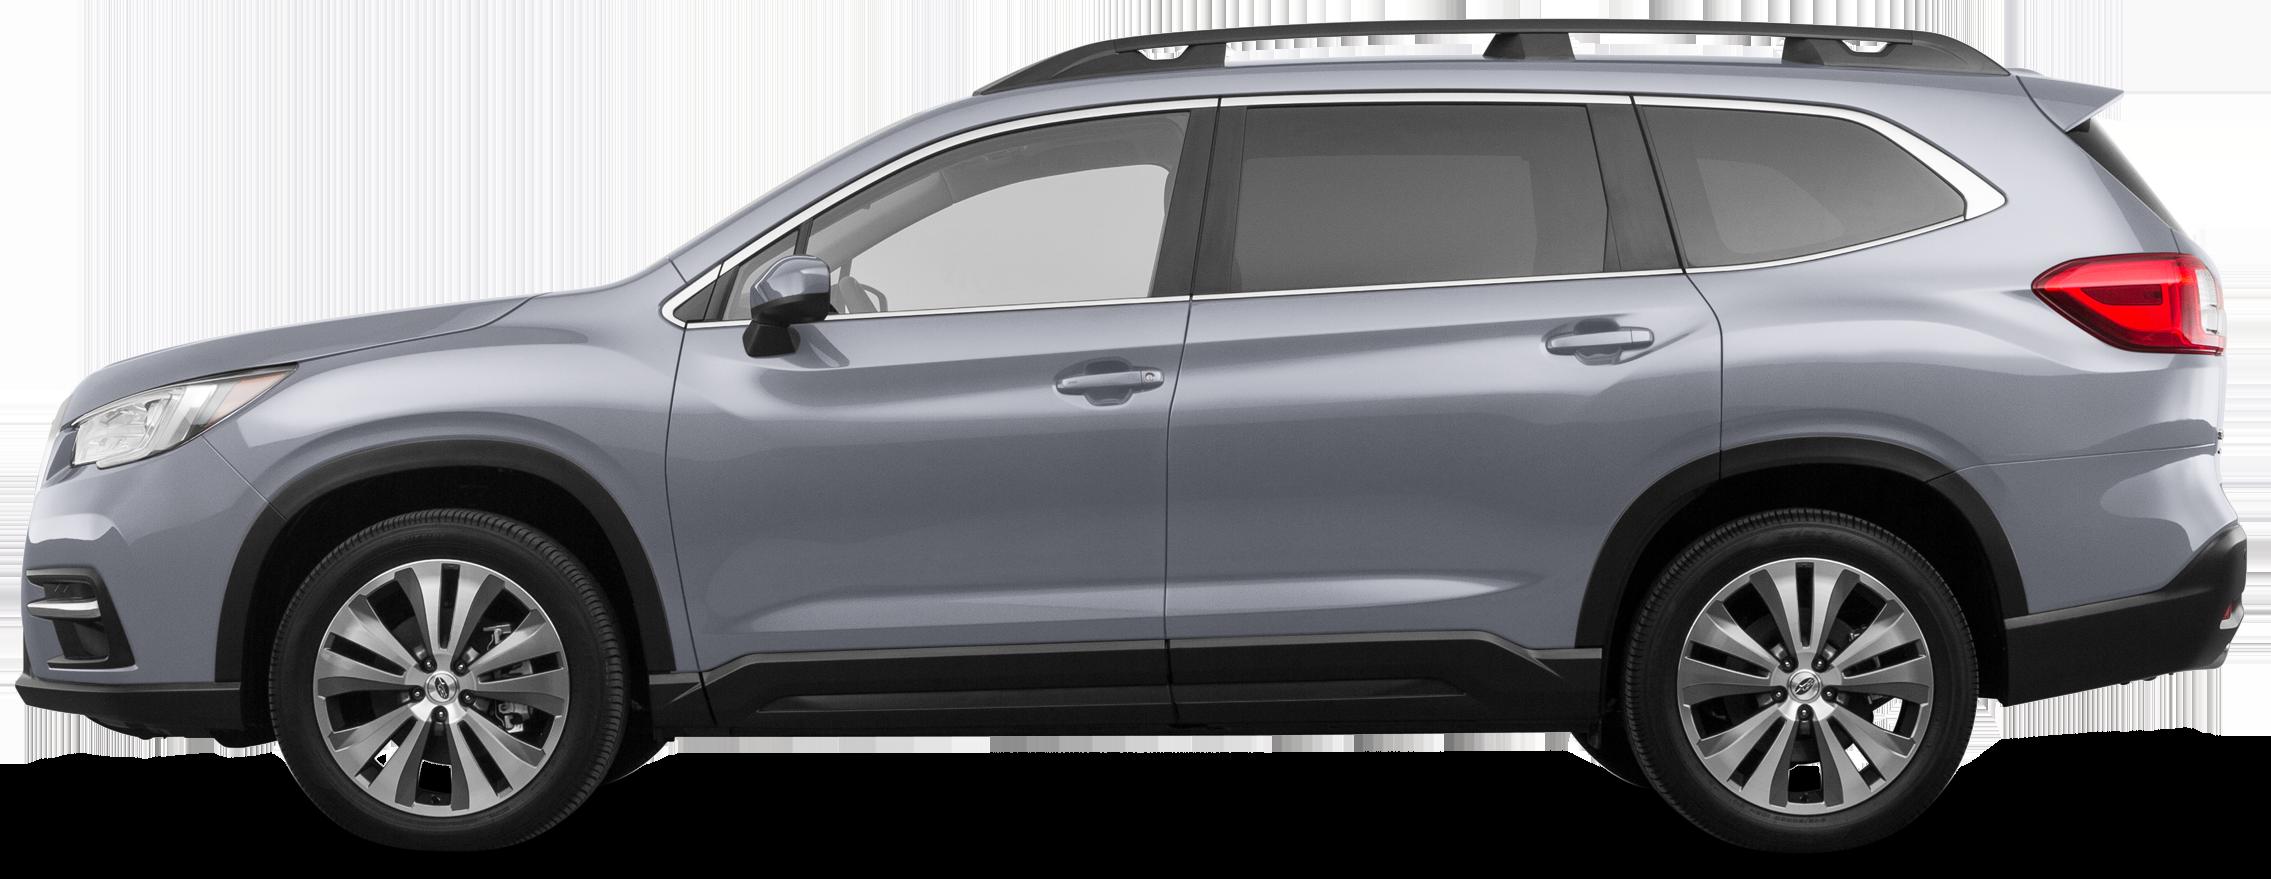 2021 Subaru Ascent SUV Premium 7-Passenger